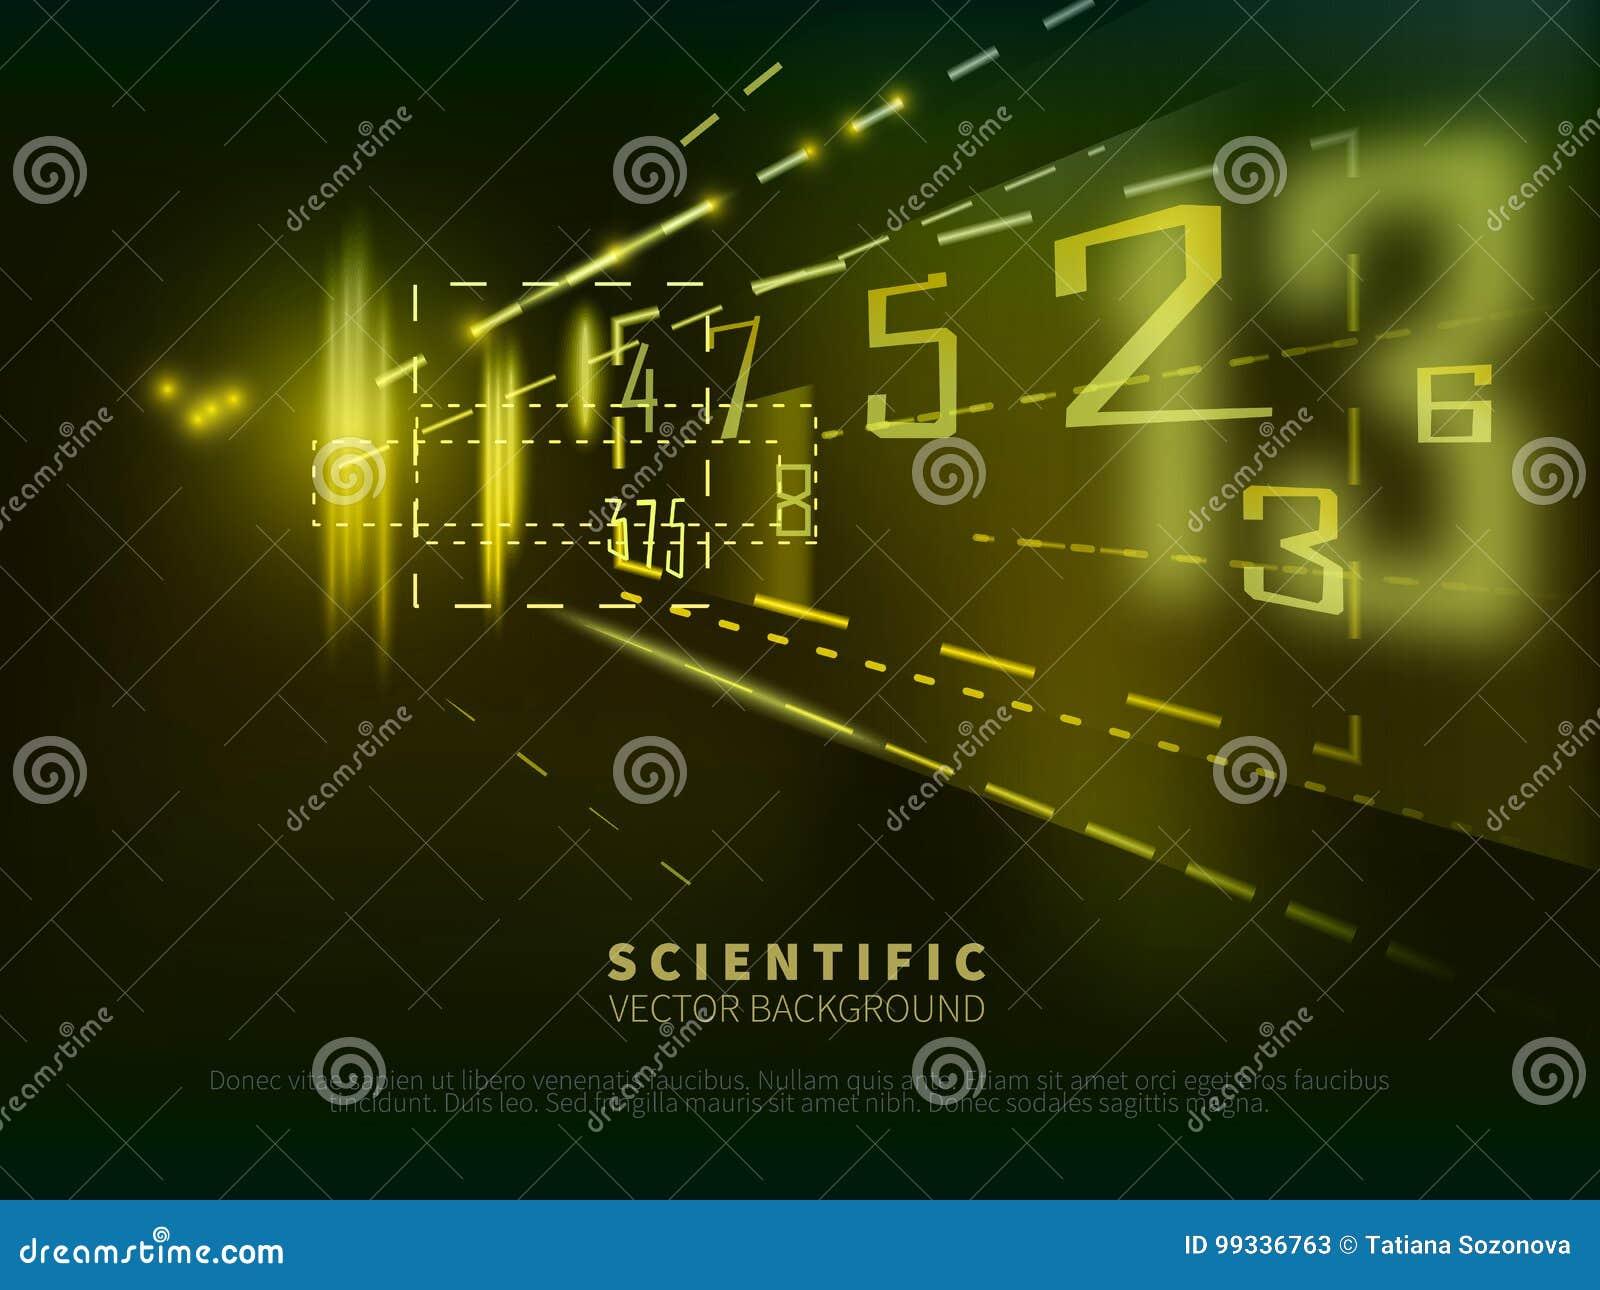 Abstrakter wissenschaftlicher Hintergrund mit Zahlen